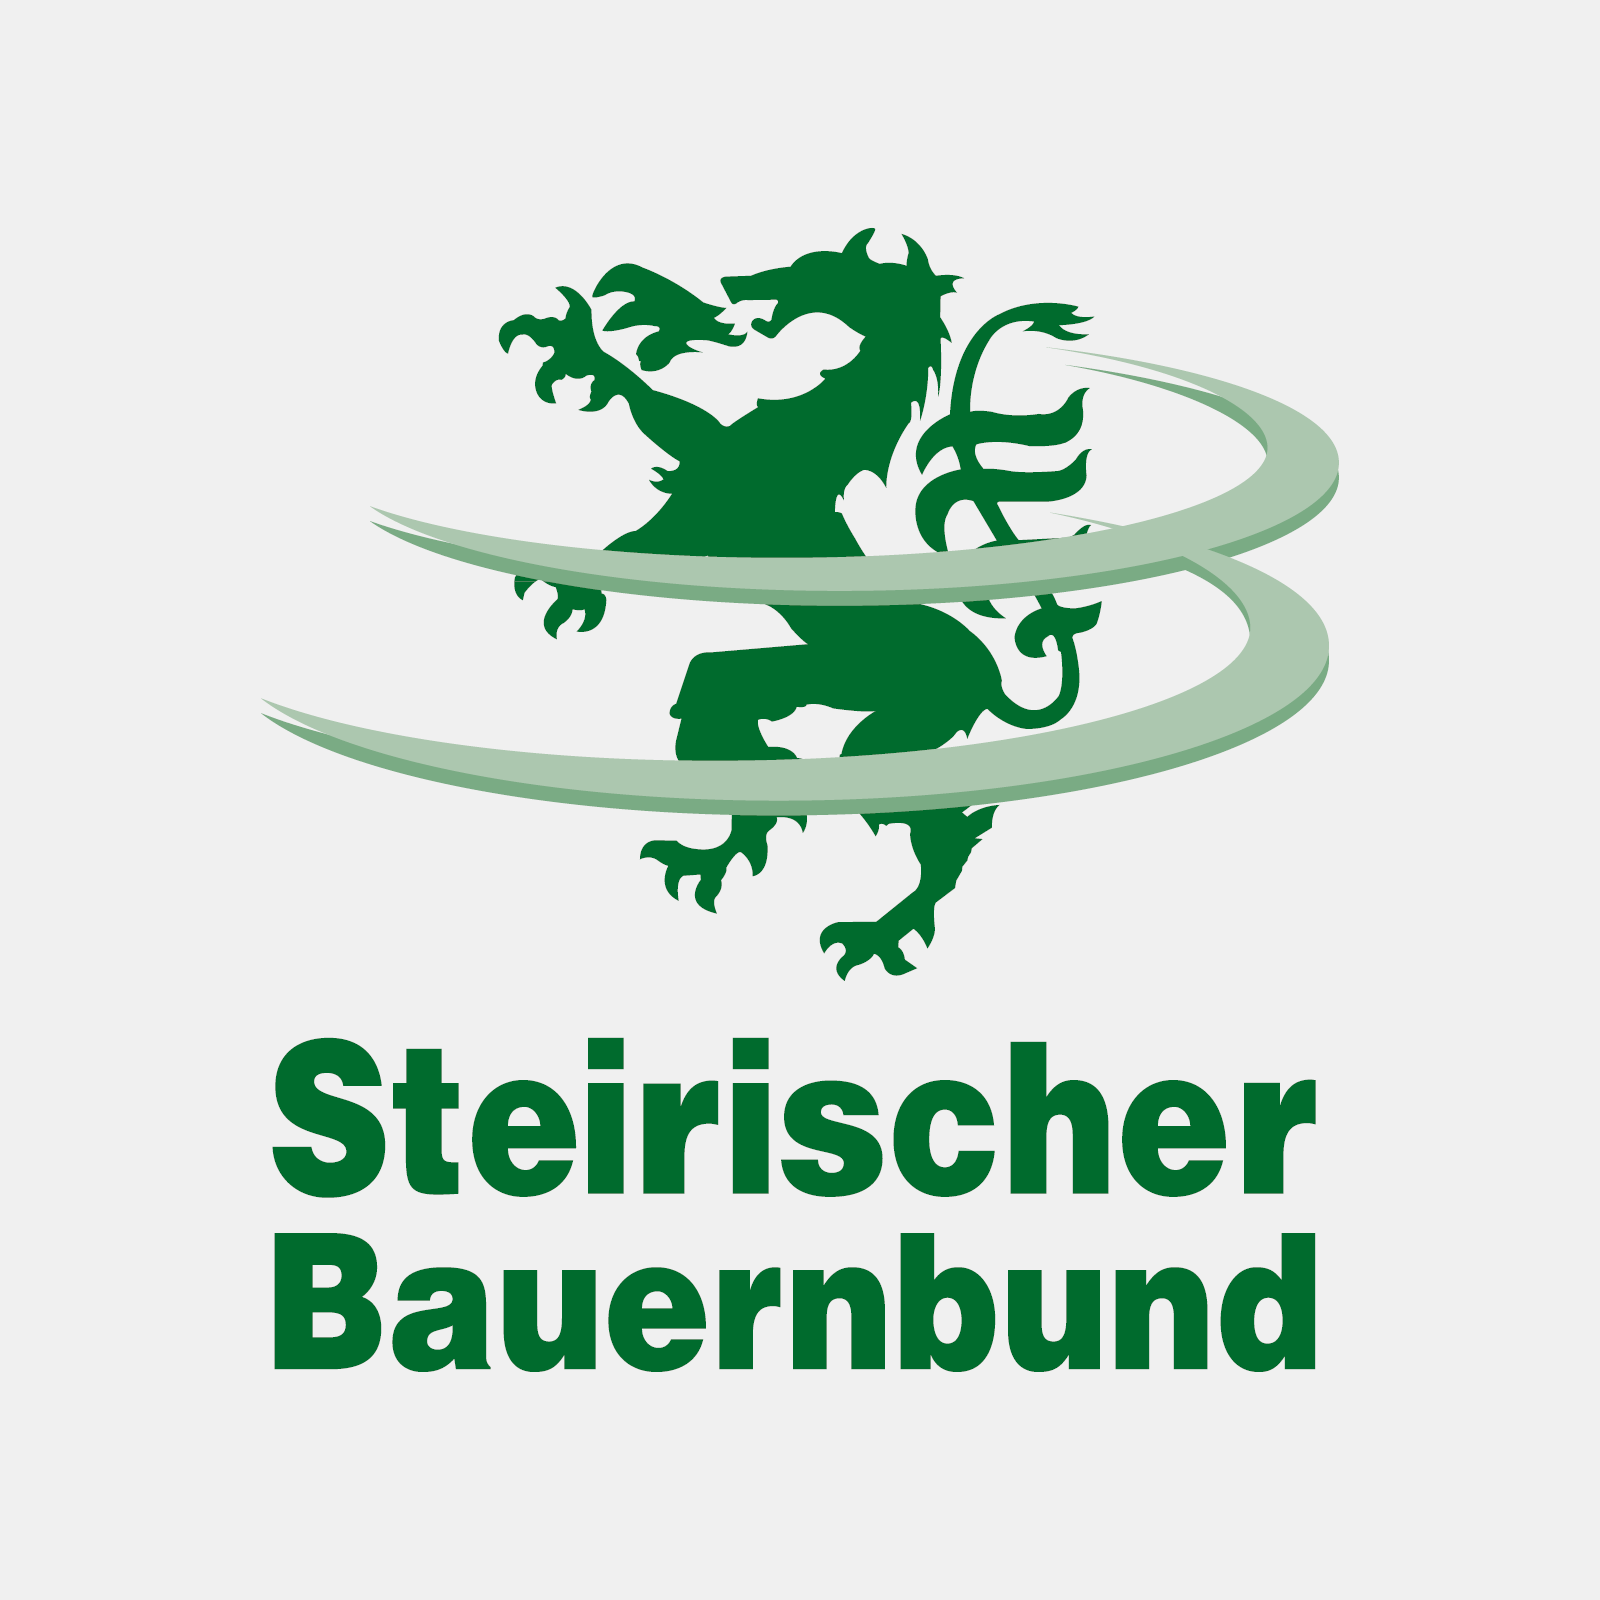 Steirischer Bauernbund